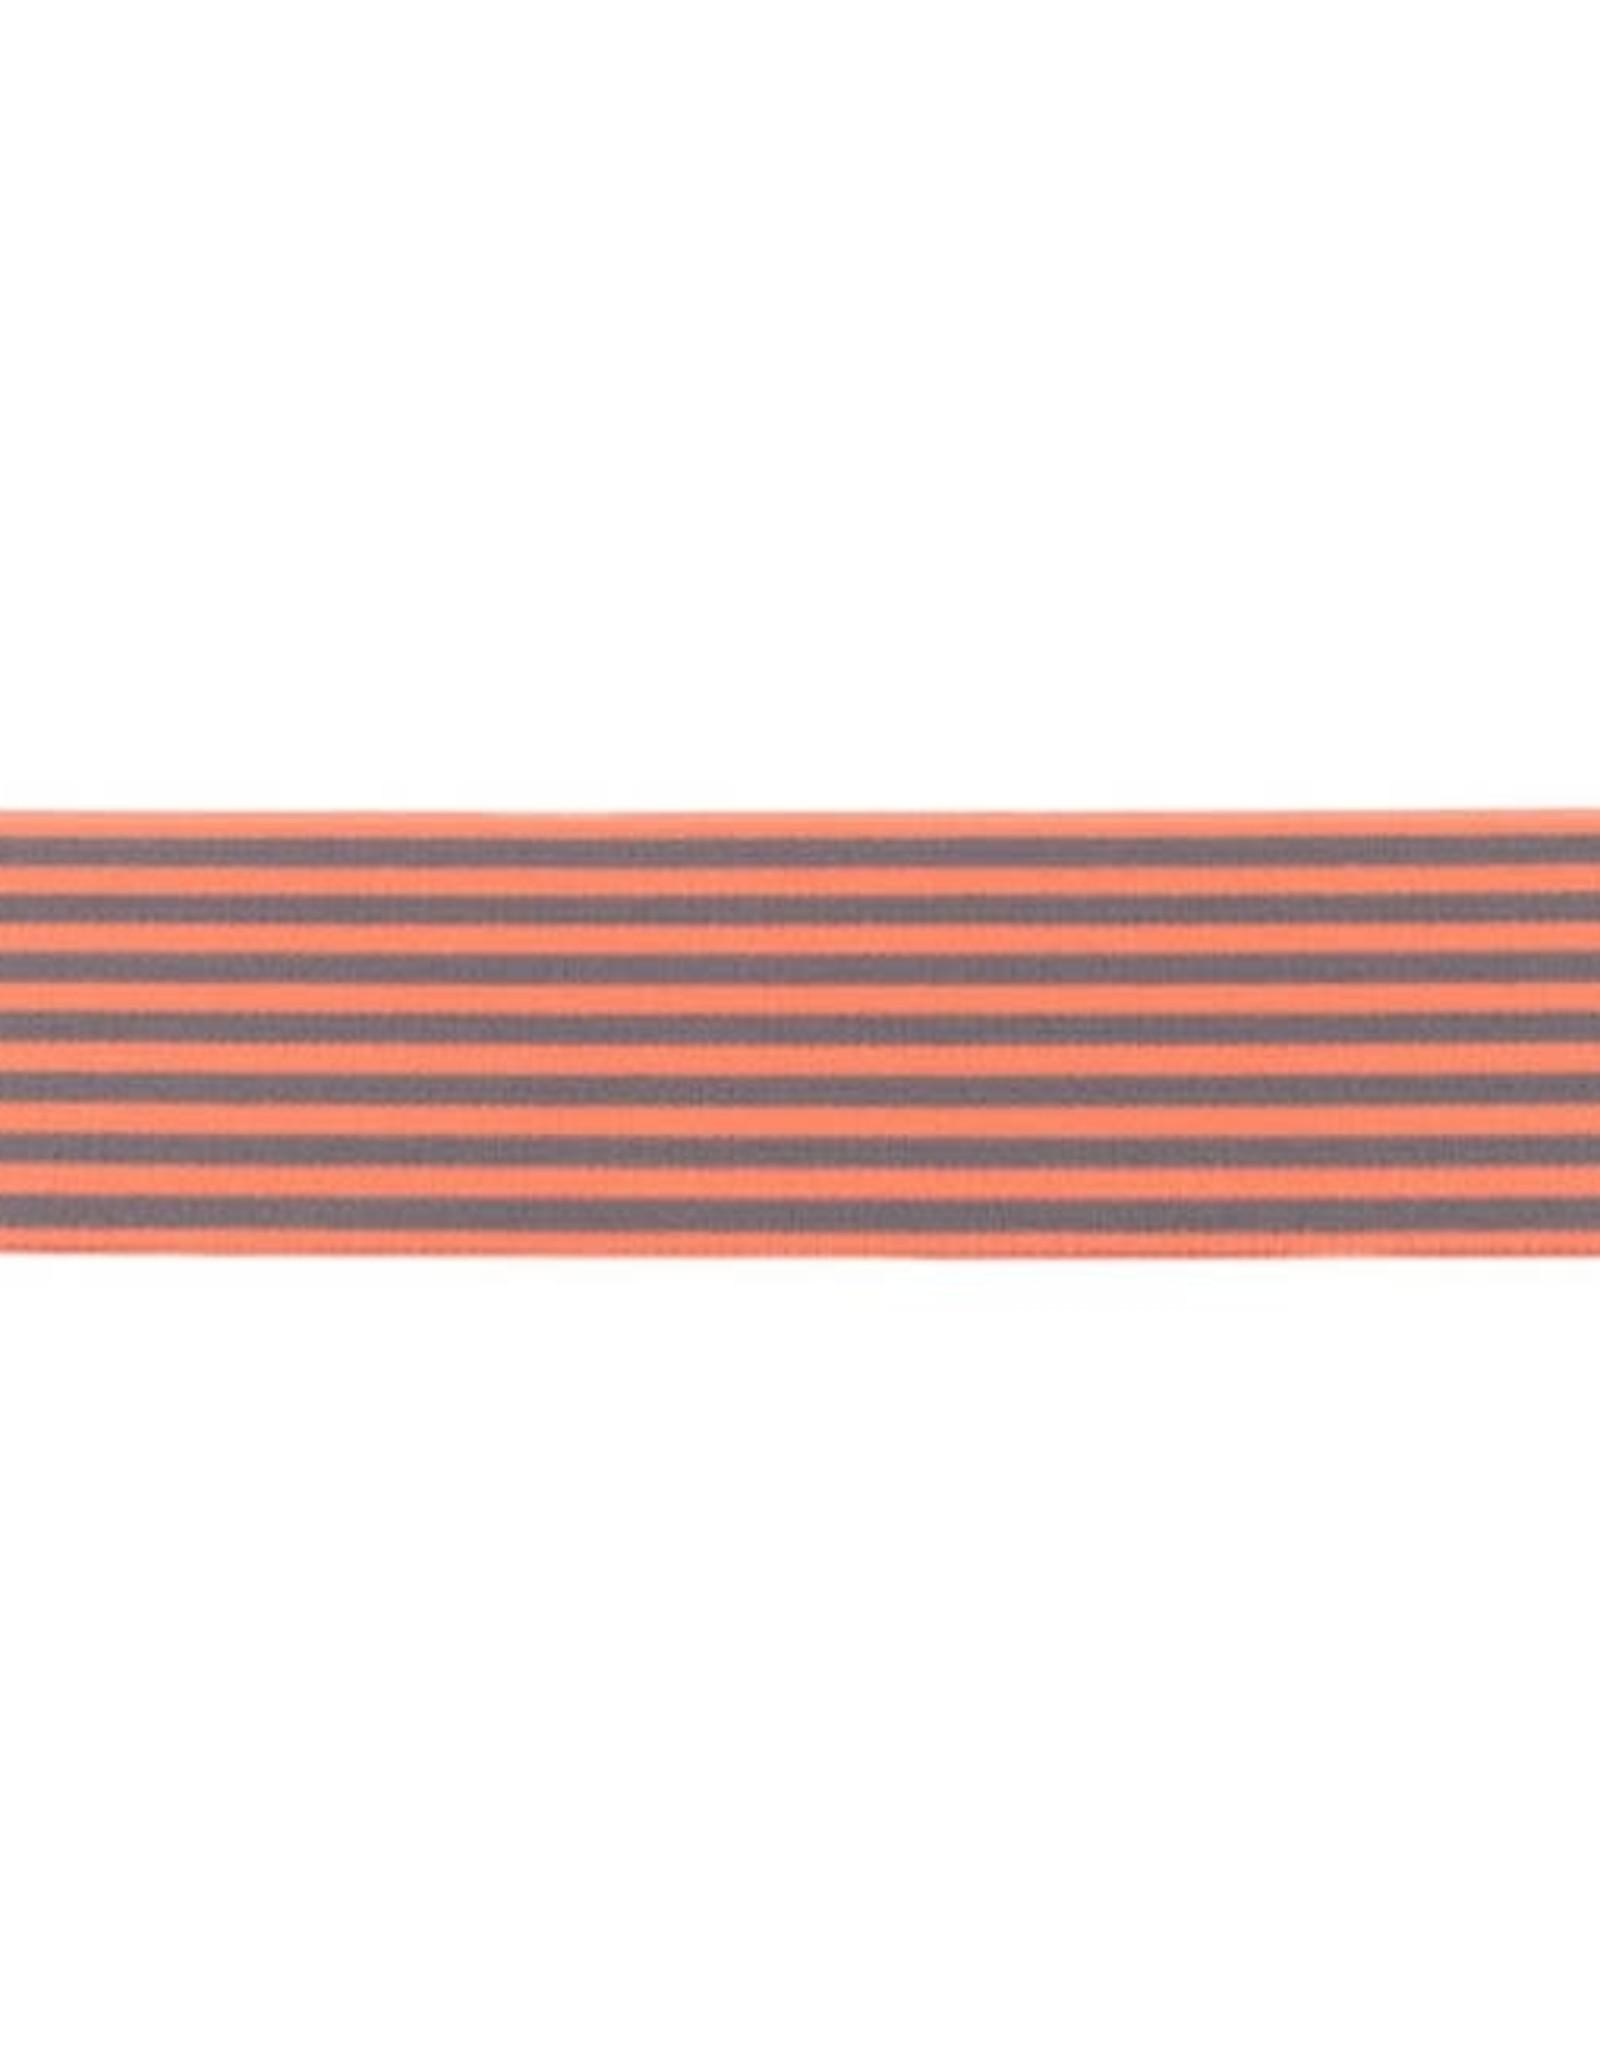 Zachte Gestreepte Elastiek 40mm - Oranje